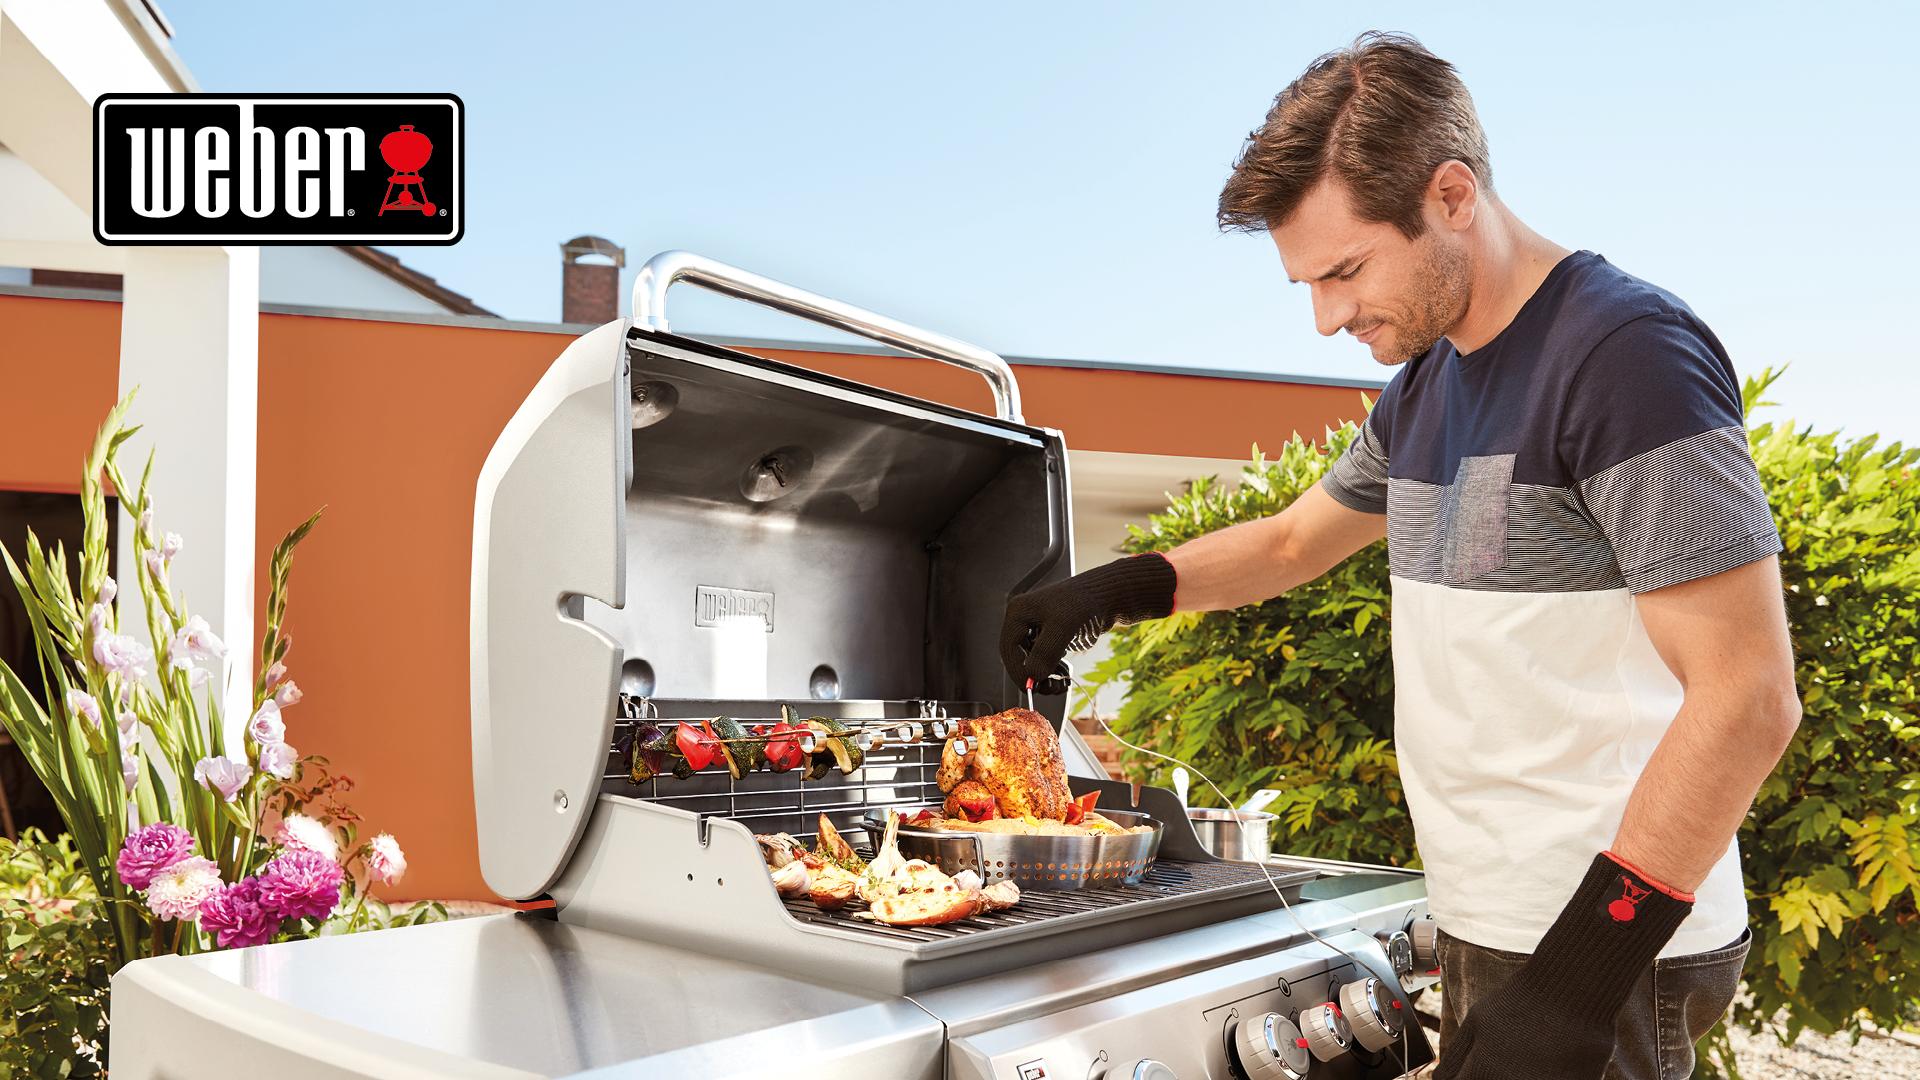 Mann grillt mit Weber Grill